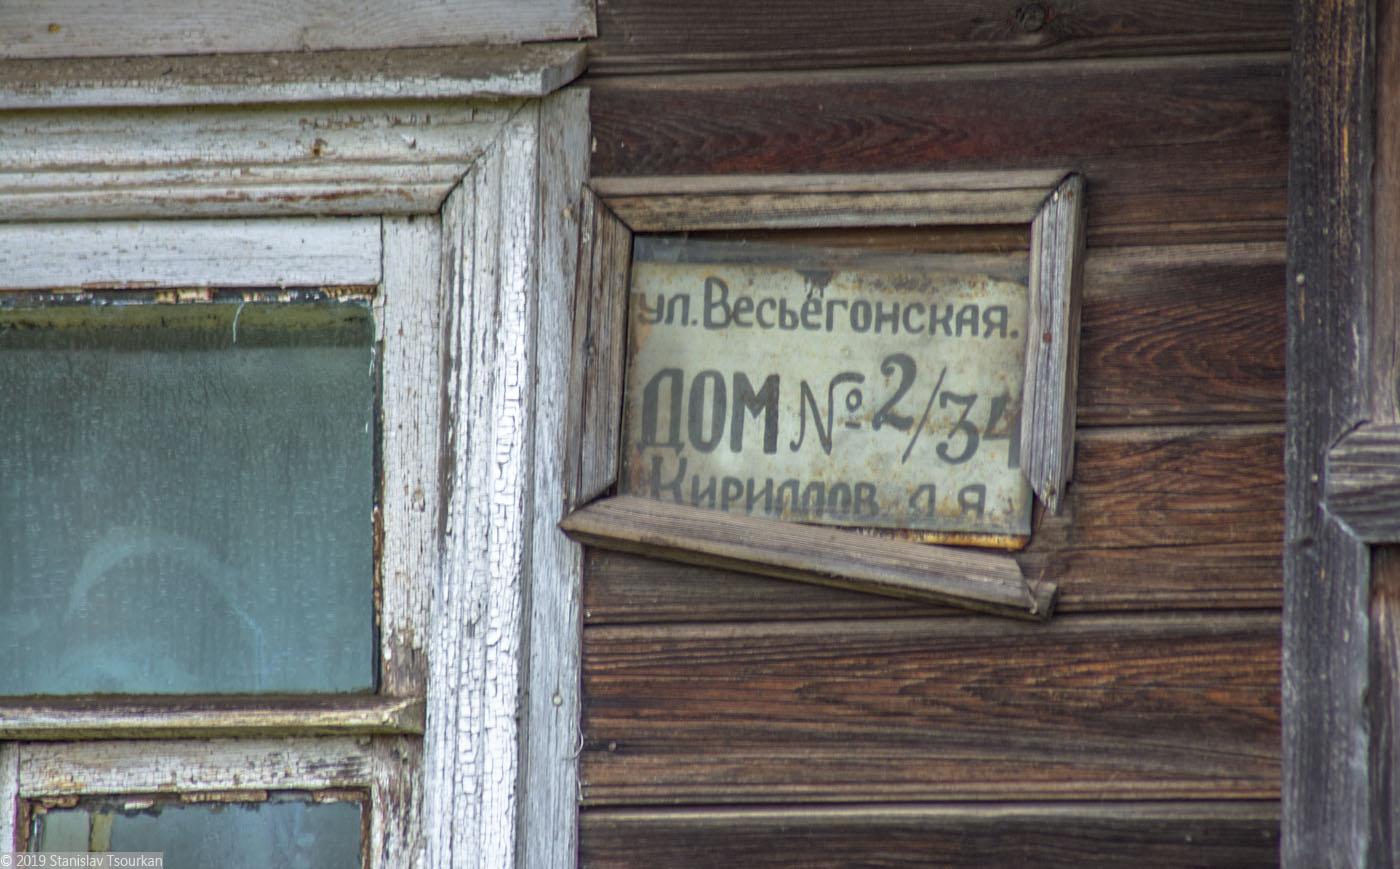 Весьегонск, табличка, указатель, Весьегонская улица